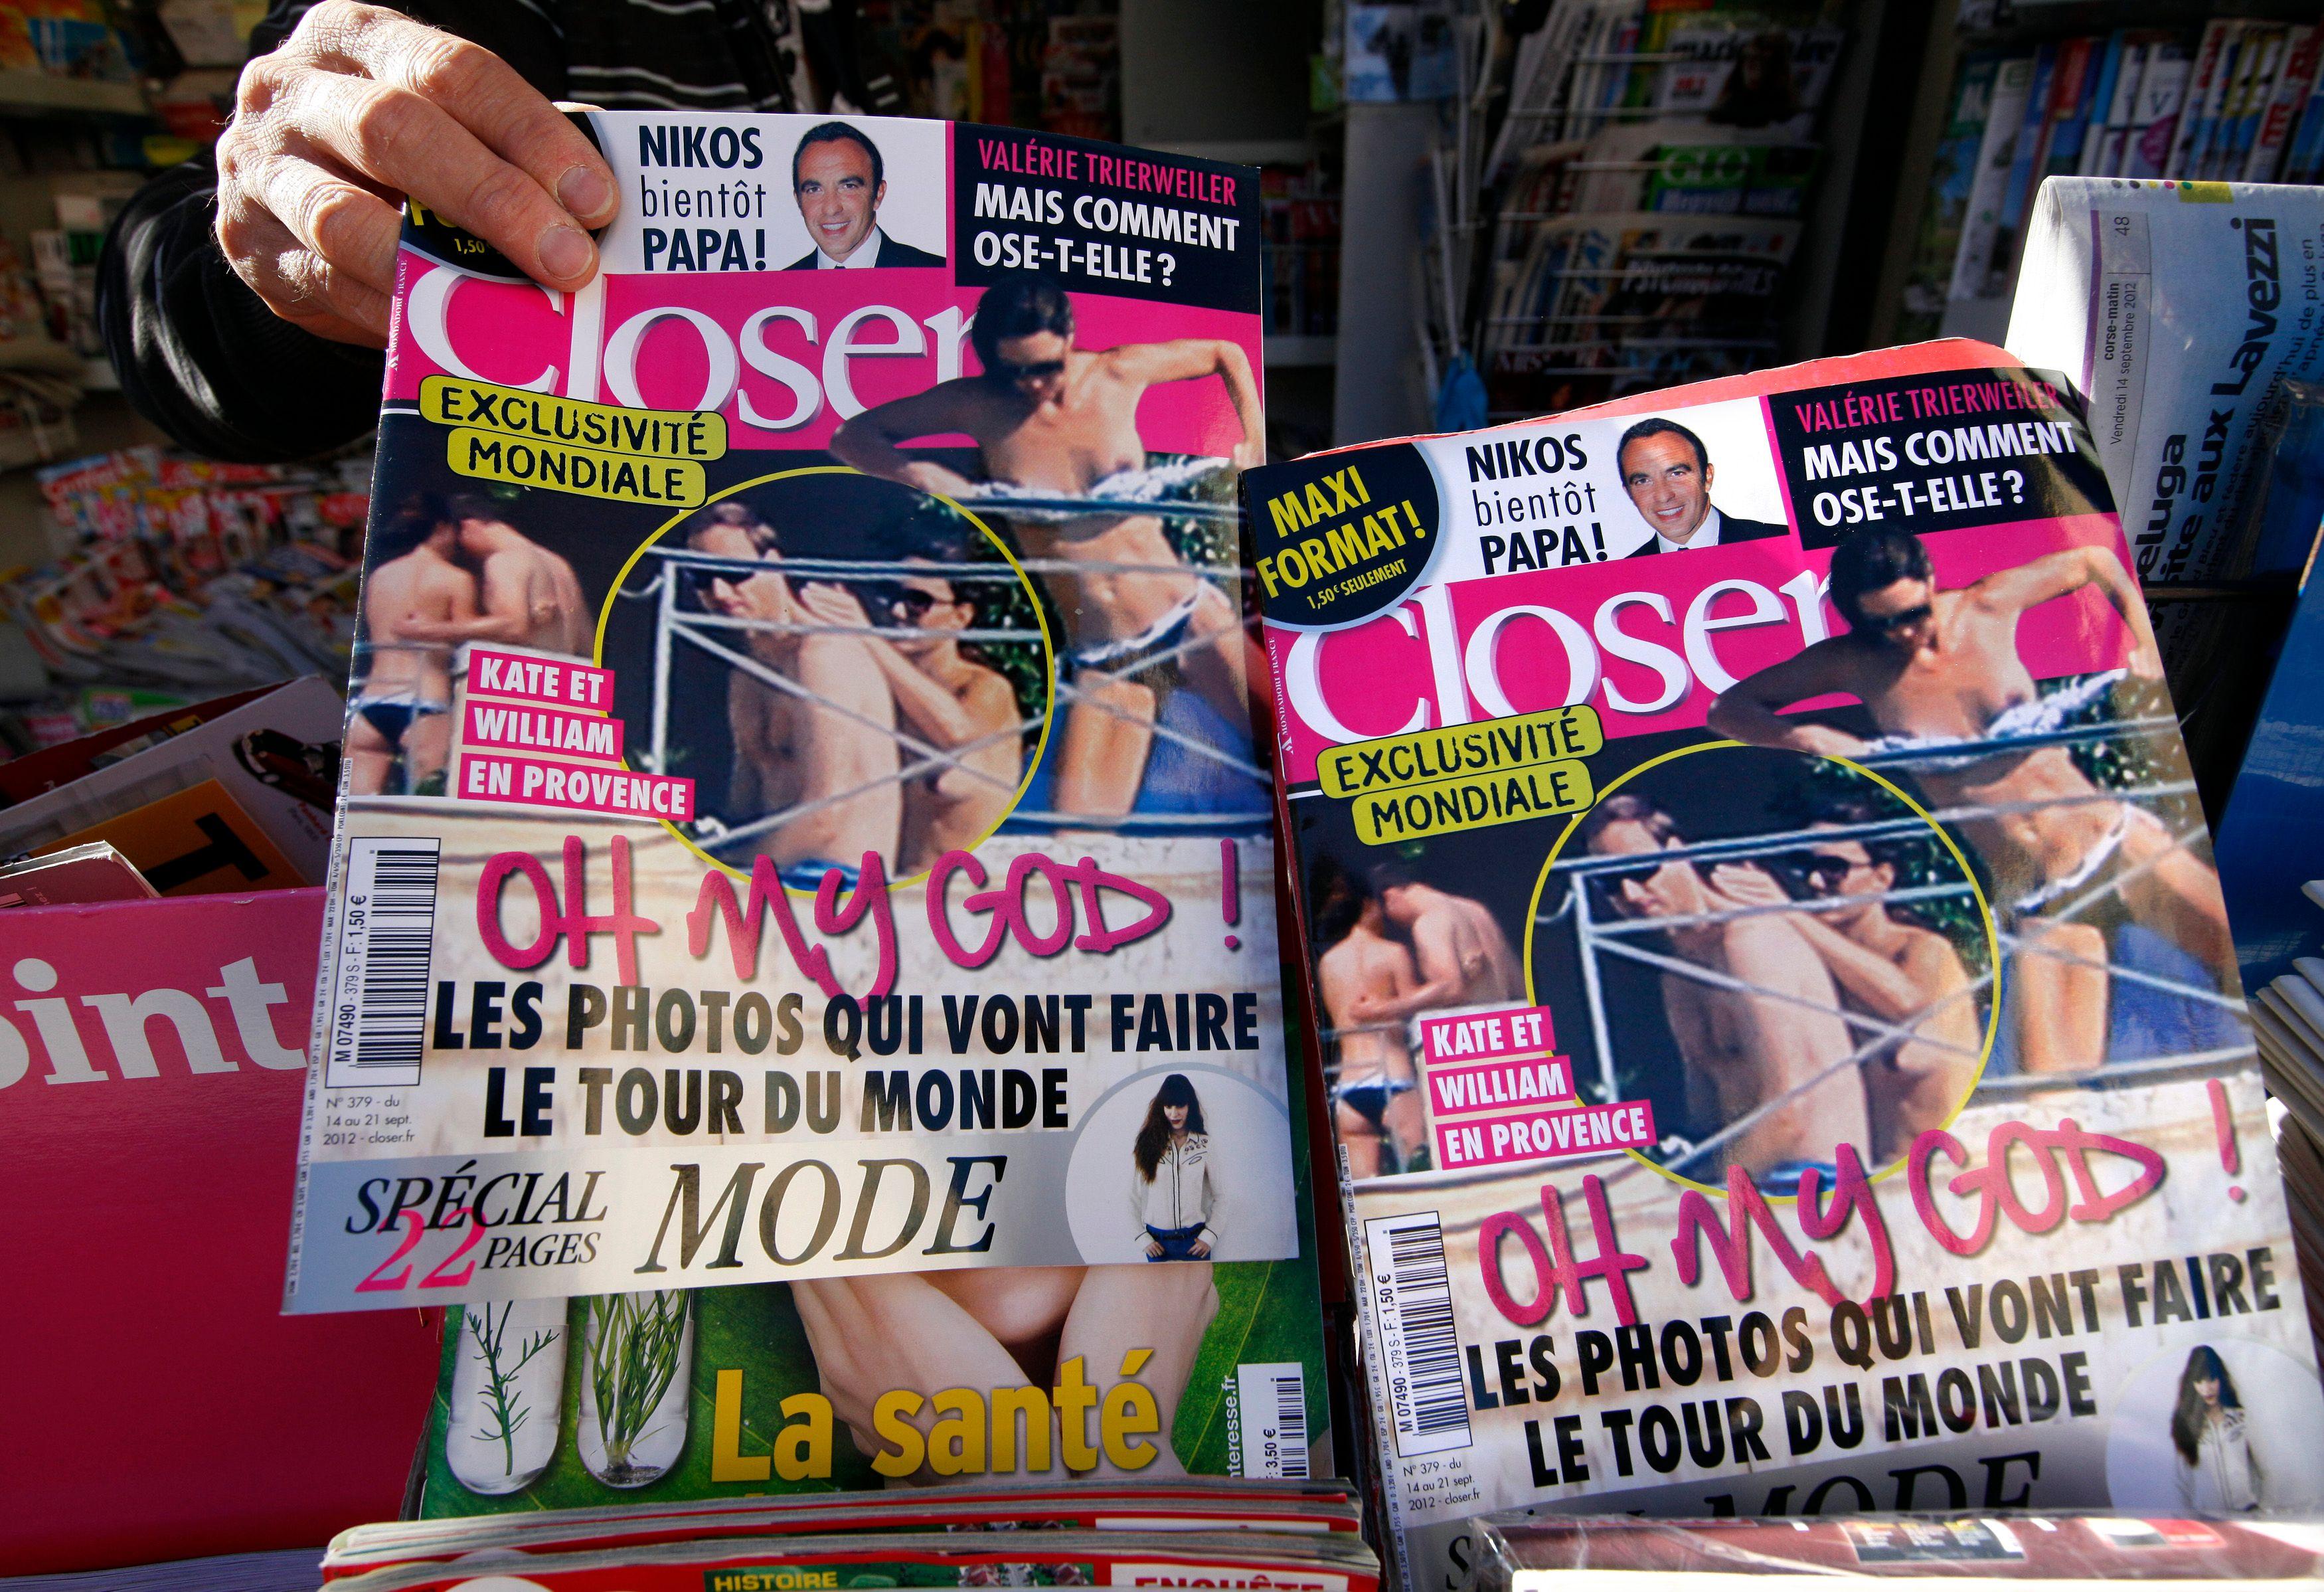 Closer condamné à une très lourde amende pour avoir publié des photos de la Duchesse Kate seins nus